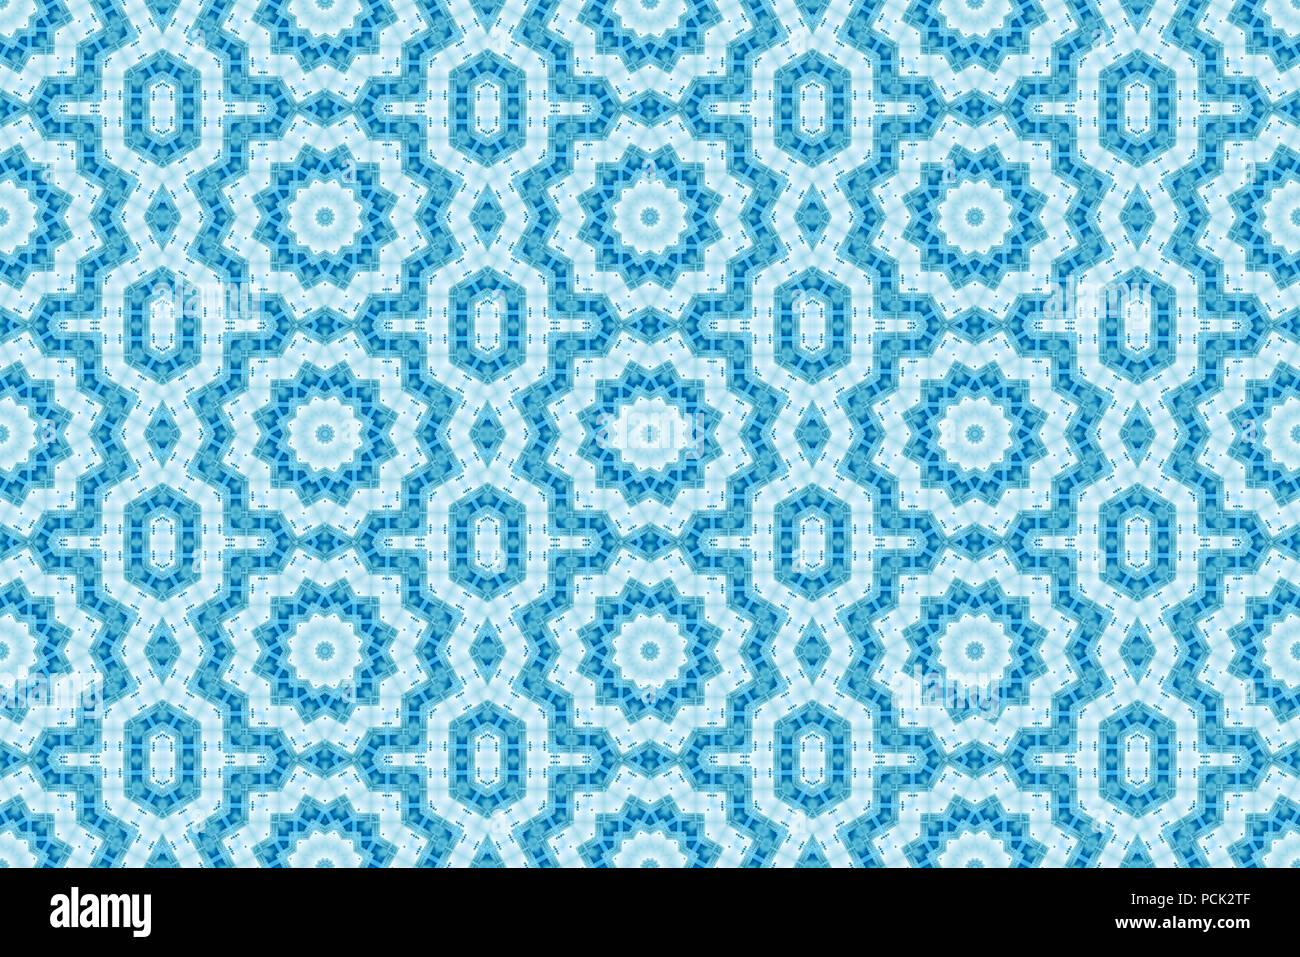 Fondo de la trama perfecta, repitiendo el calidoscopio abstracto simétrico forma el telón de fondo de diseño gráfico Foto de stock